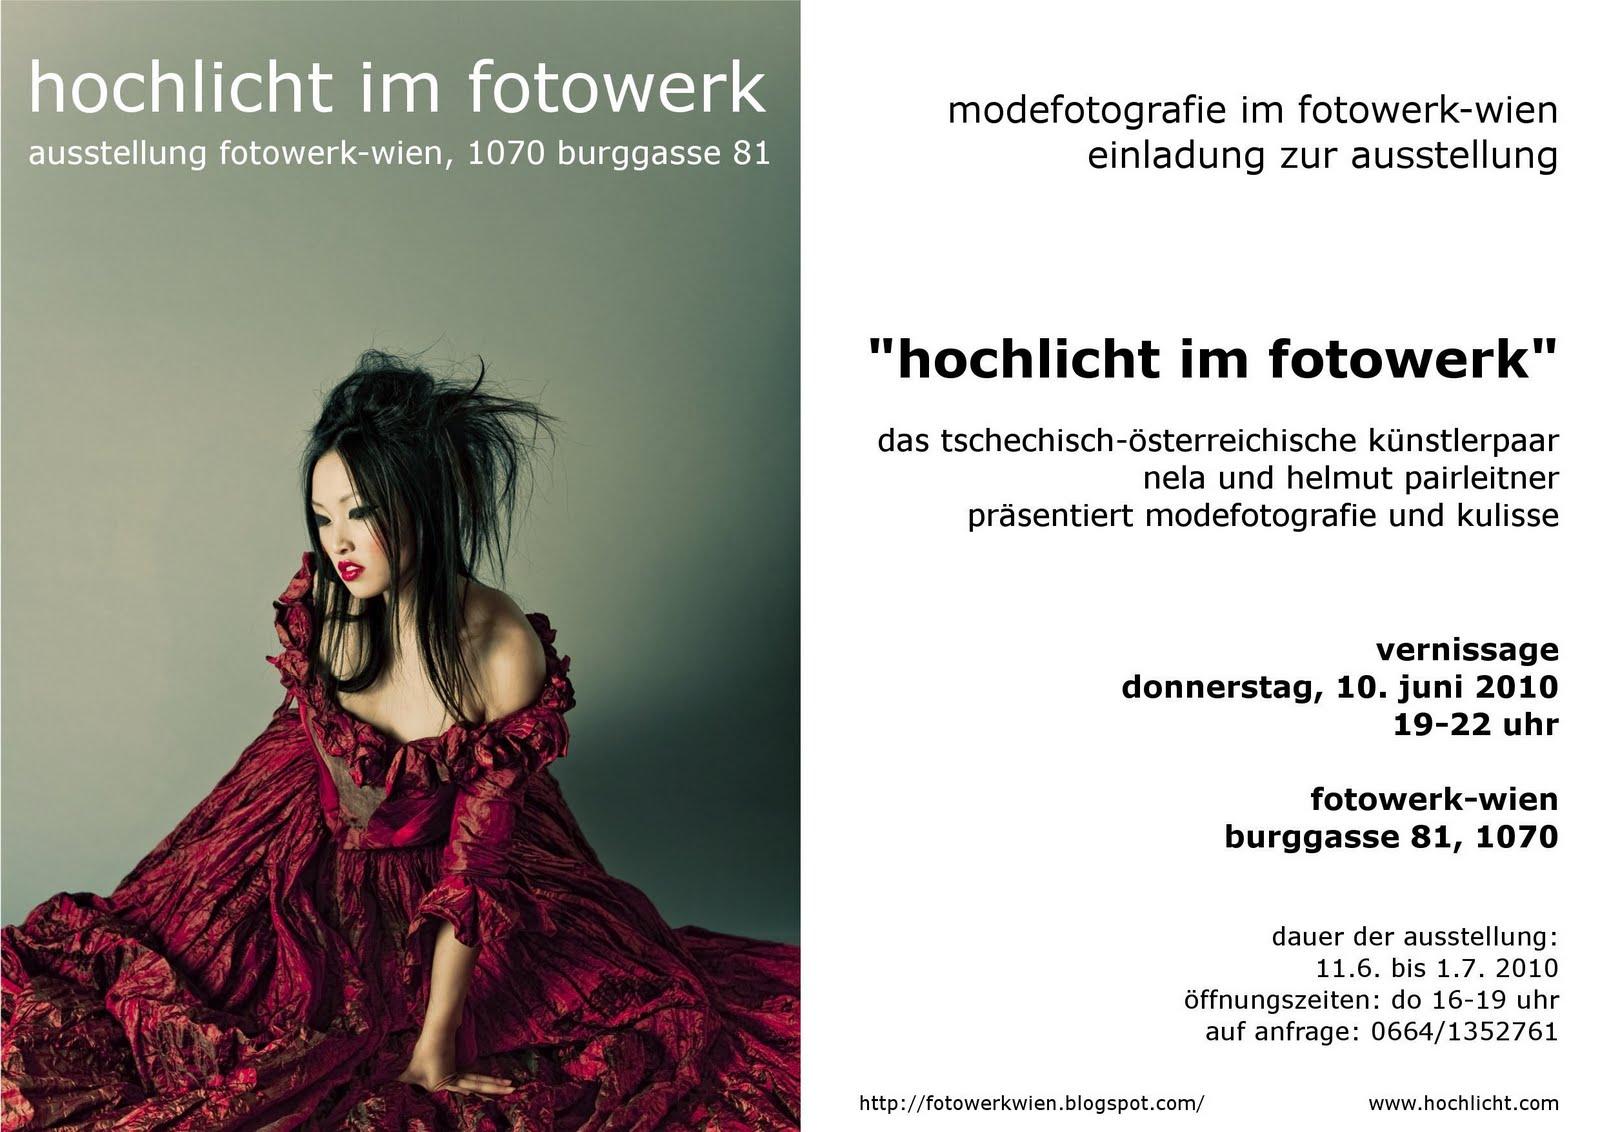 fotowerkwien Modefotografie und Kulisse